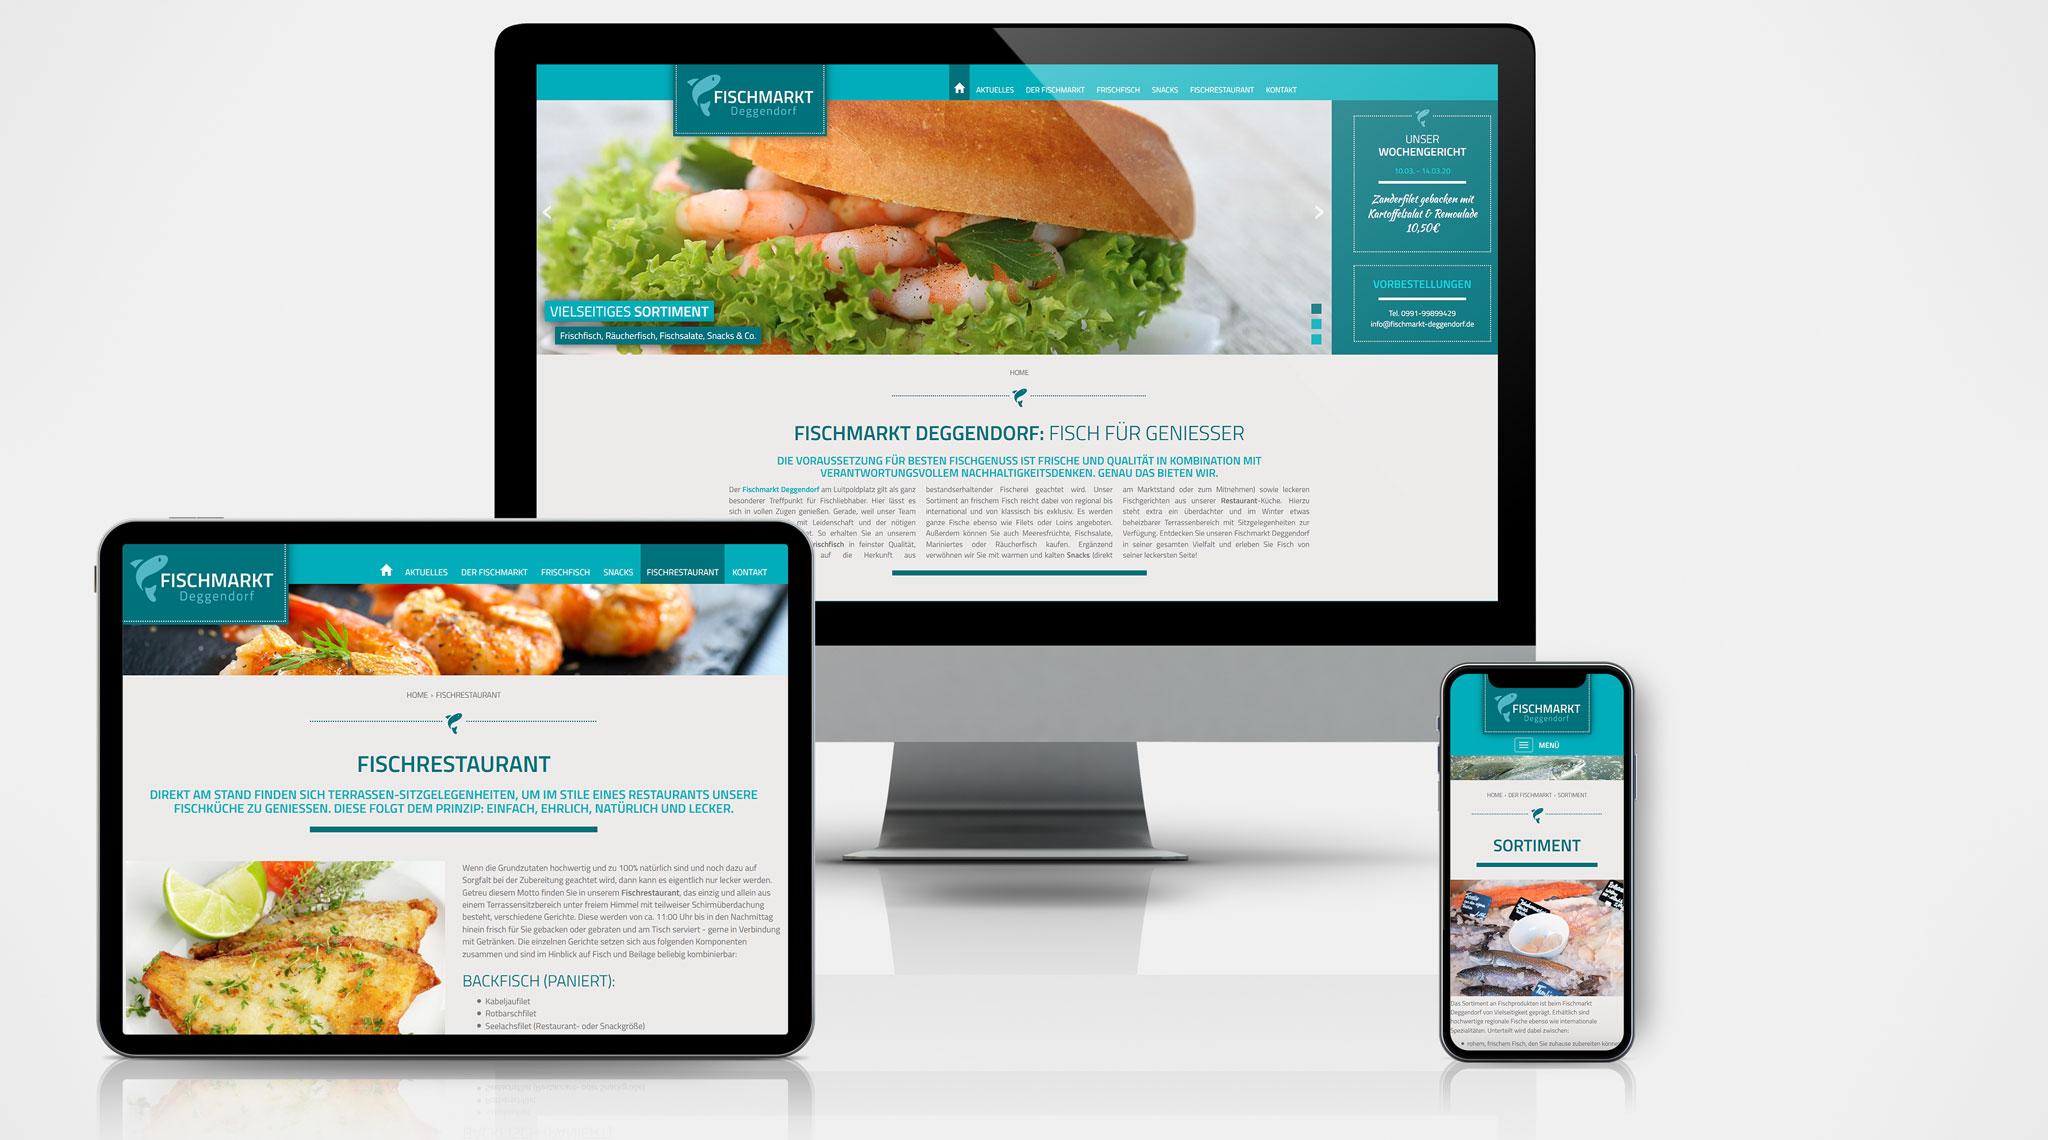 Fischmarkt Deggendorf Website | Werbeagentur Roland C. Ritter